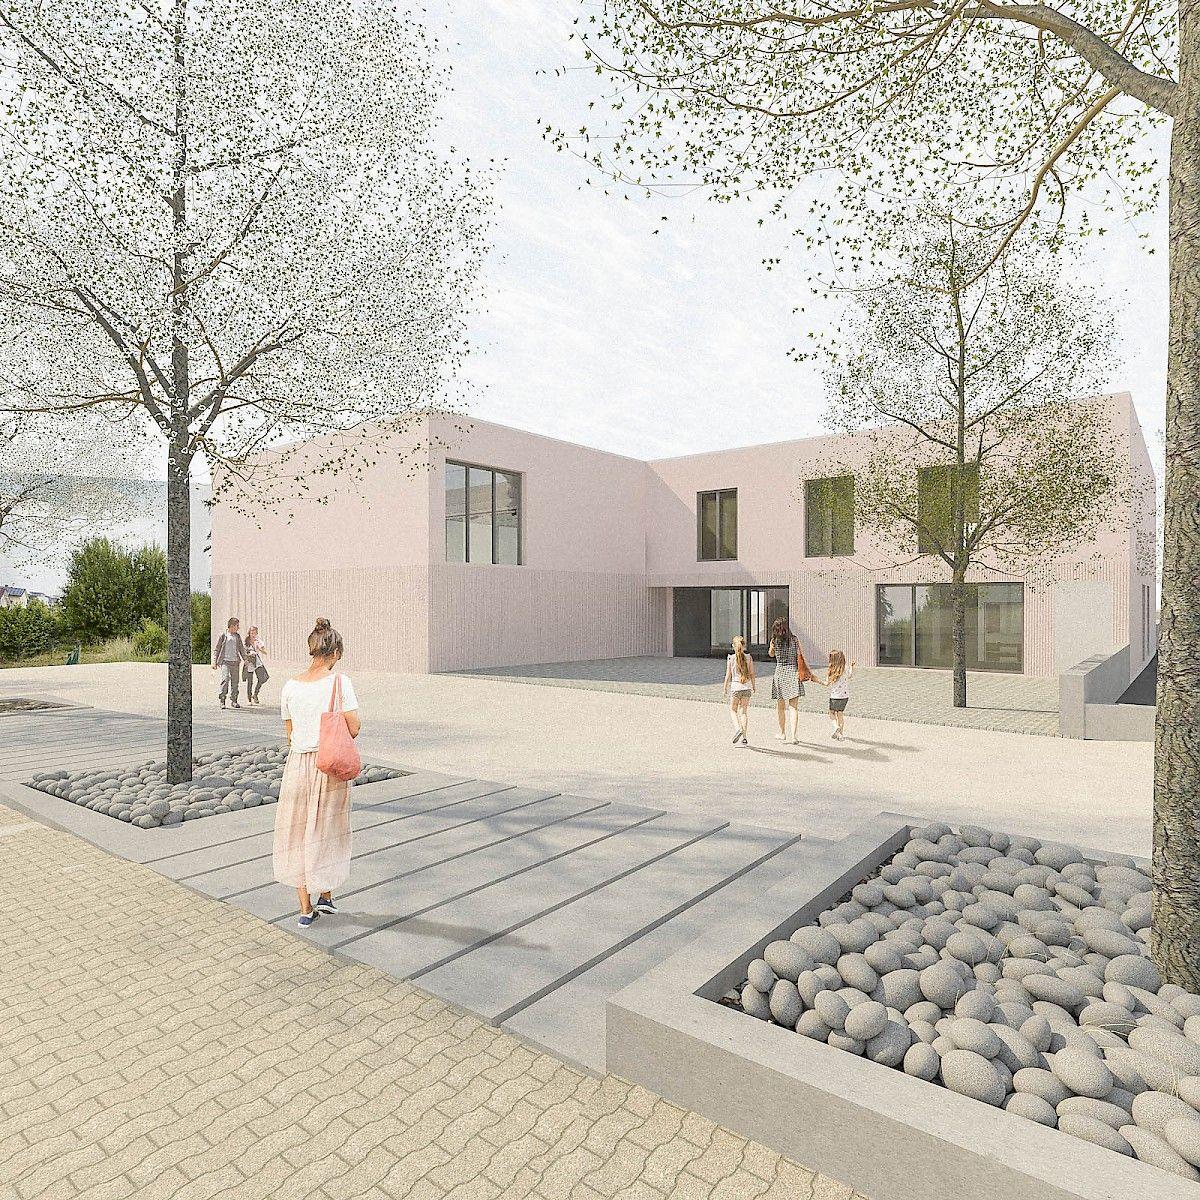 Architekt Kaiserslautern bayer strobel architekten gemeindehaus feg kaiserslautern nord